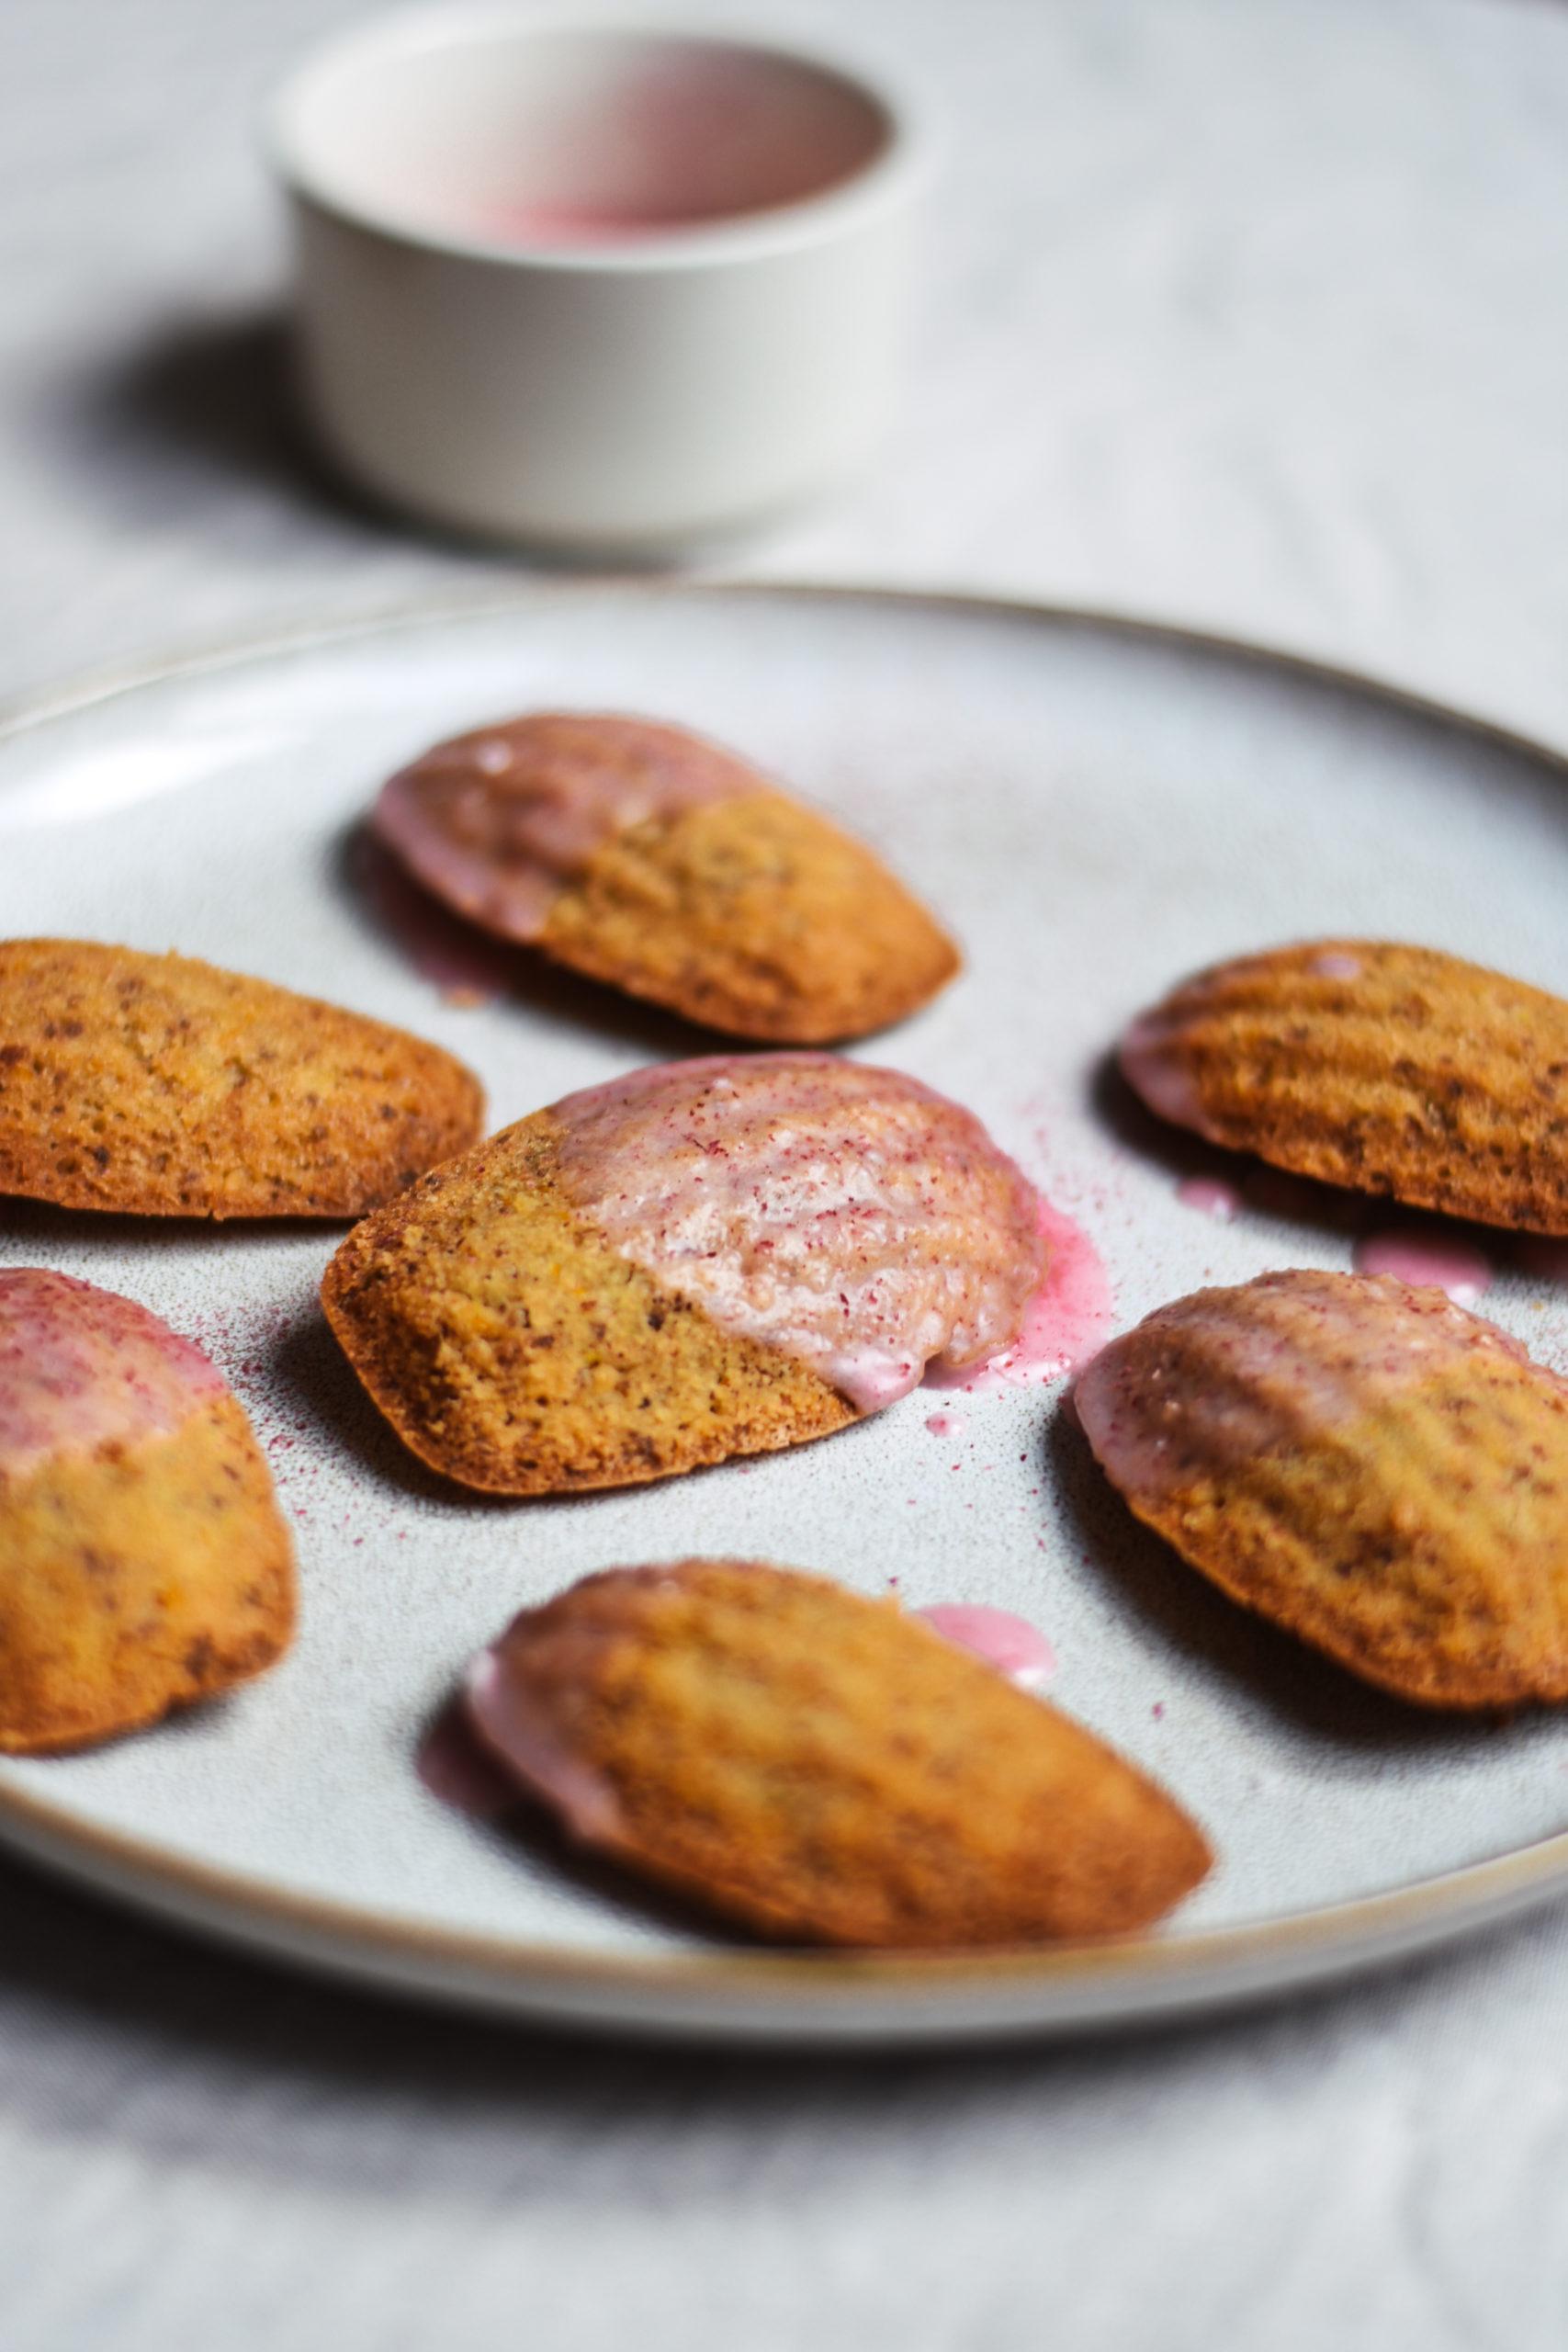 Vegane, glutenfreie Madeleines auf einem Teller mit Grapefruitfrosting im Hintergrund